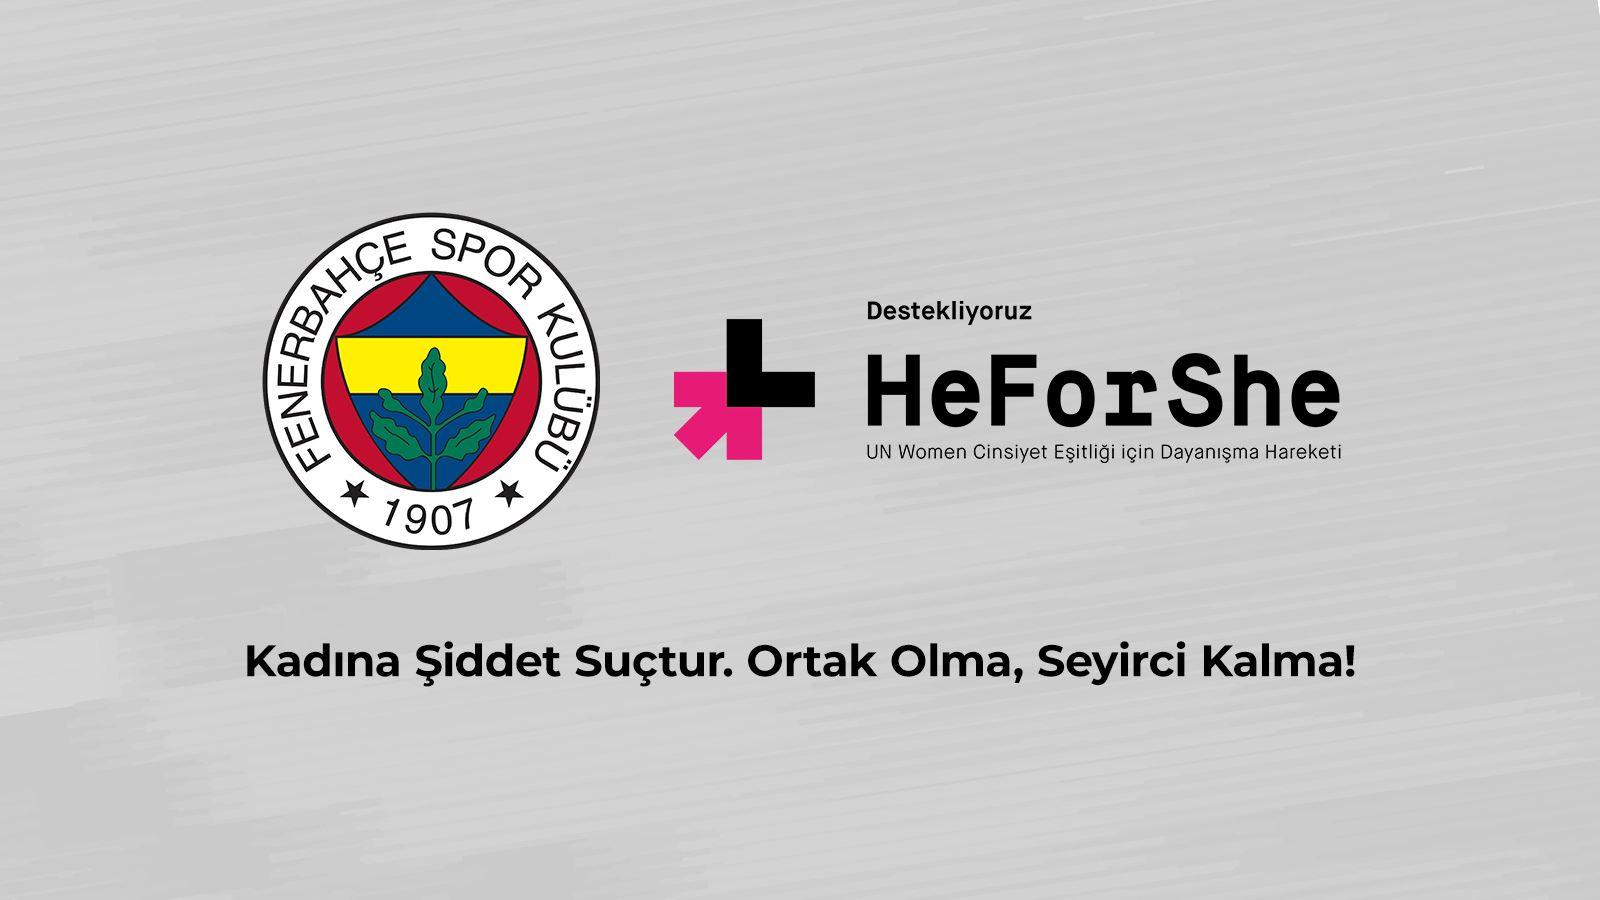 Kadına Şiddetin Karşısındayız! #HeForShe